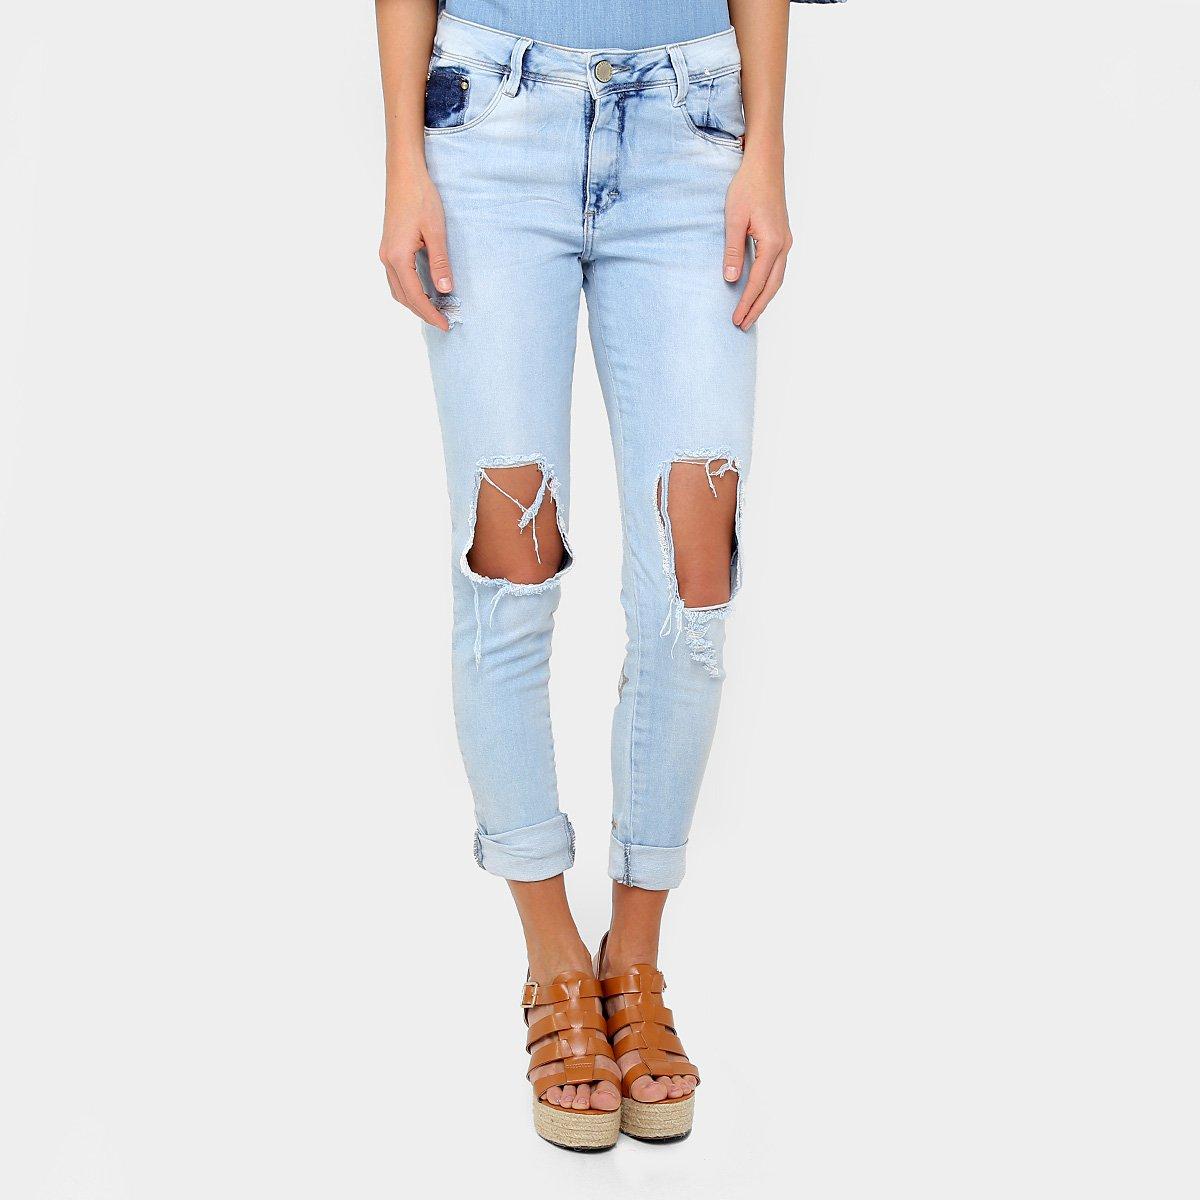 6ce63bd70 Calça Jeans Skinny Zune Rasgada Estrelas Bordadas Cintura Média